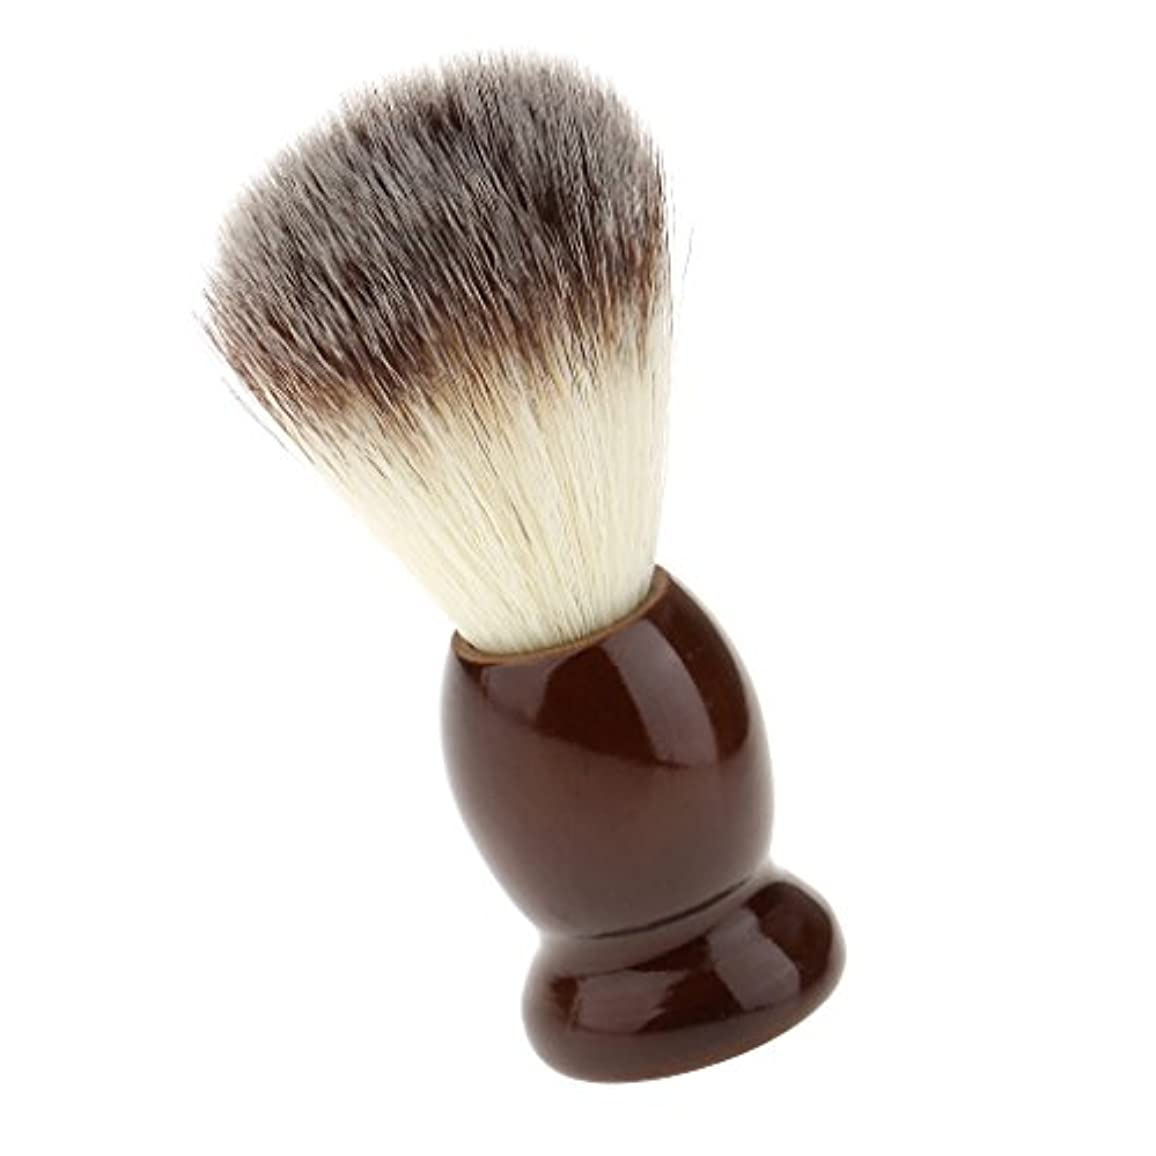 故国姿勢見つけるSONONIA ナイロン製 シェービングブラシ サロン 柔らかい 髭剃り 洗顔 理容   便携 10.5cm  ブラウン